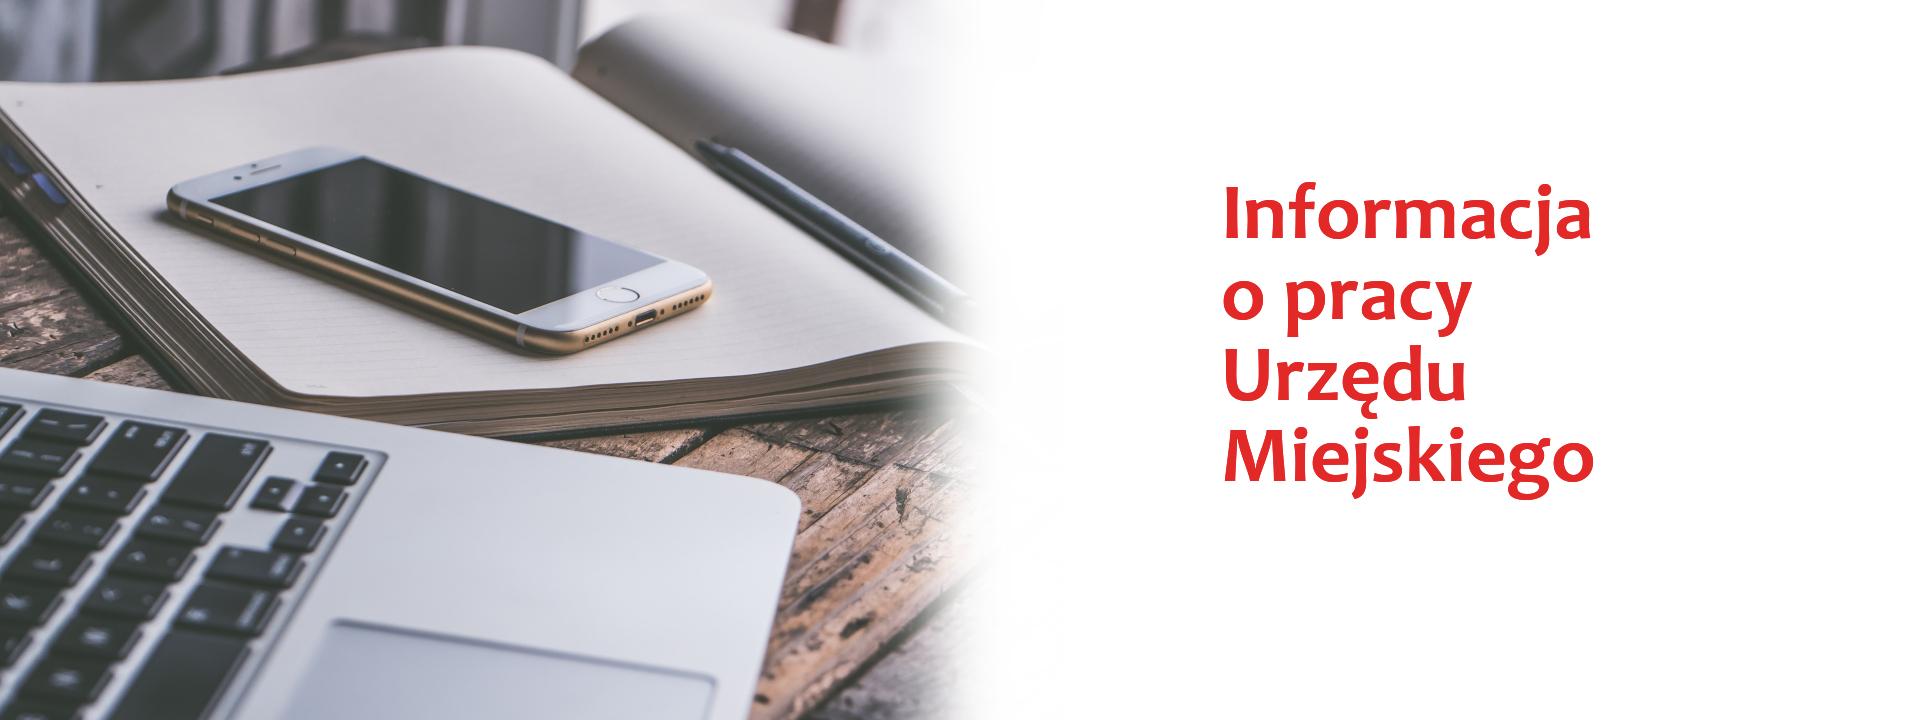 Informacja o pracy Urzędu Miejskiego